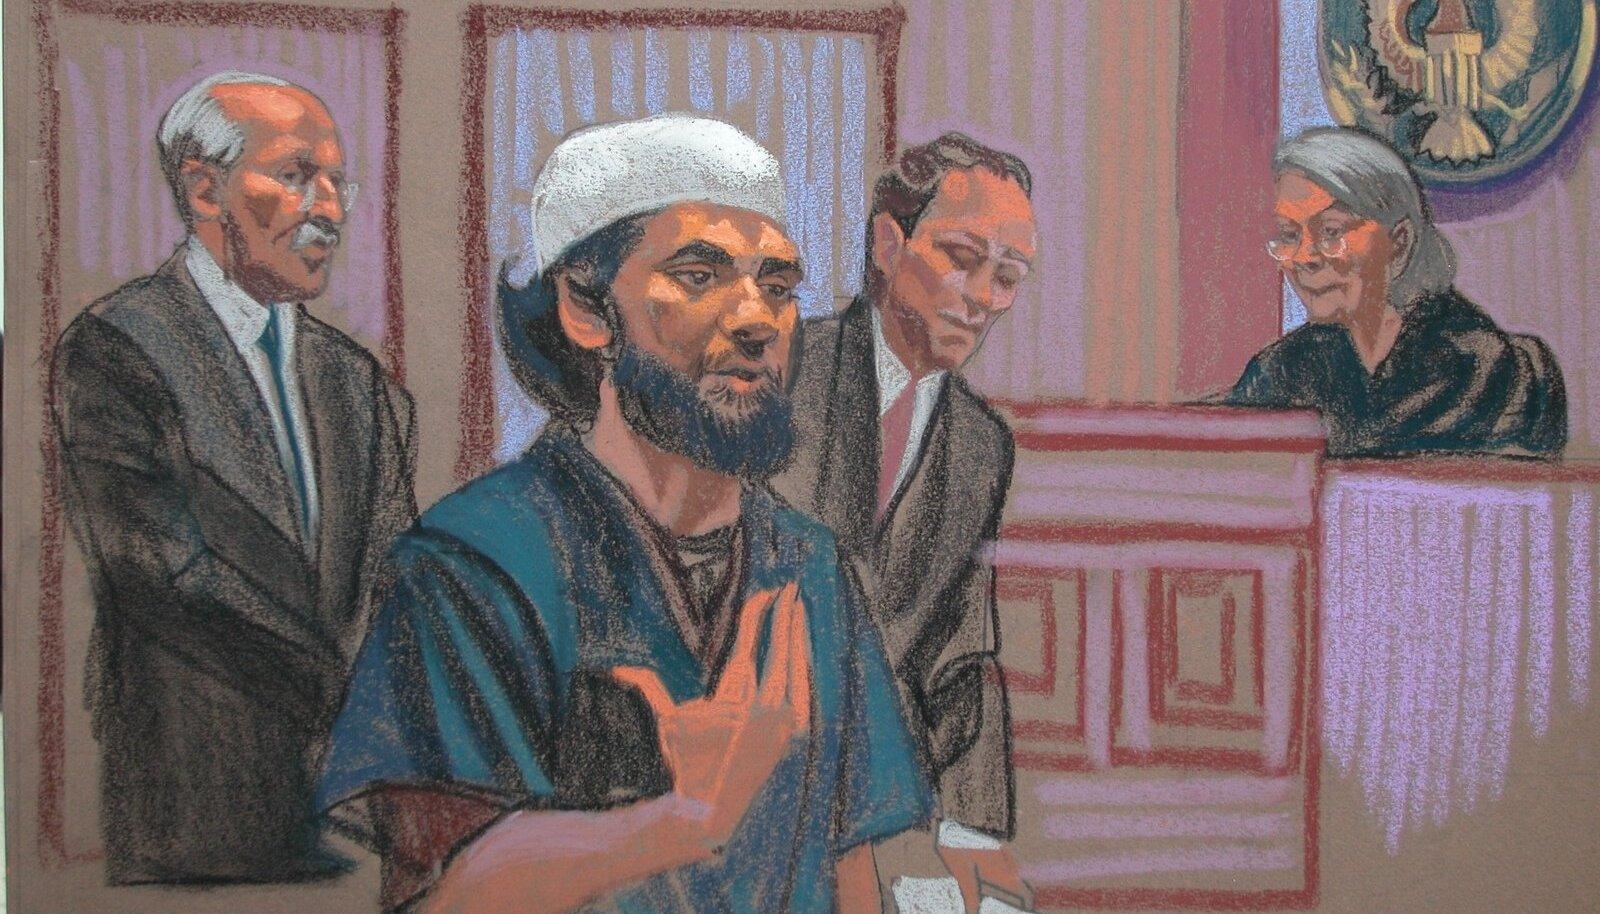 Kohtusaalis tehtud joonistuse esiplaanil on Faisal Shahzad, kes paigaldas 2010. aastal autopommi New Yorgi südamesse. Sajad ohvrid jäid olemata ainult tänu sellele, et pomm ei plahvatanud. Terrorist tabati enne Dubaisse lendamist samasuguse analüüsisüsteemi abil, mis võetakse nüüd kasutusele ka Eestis.